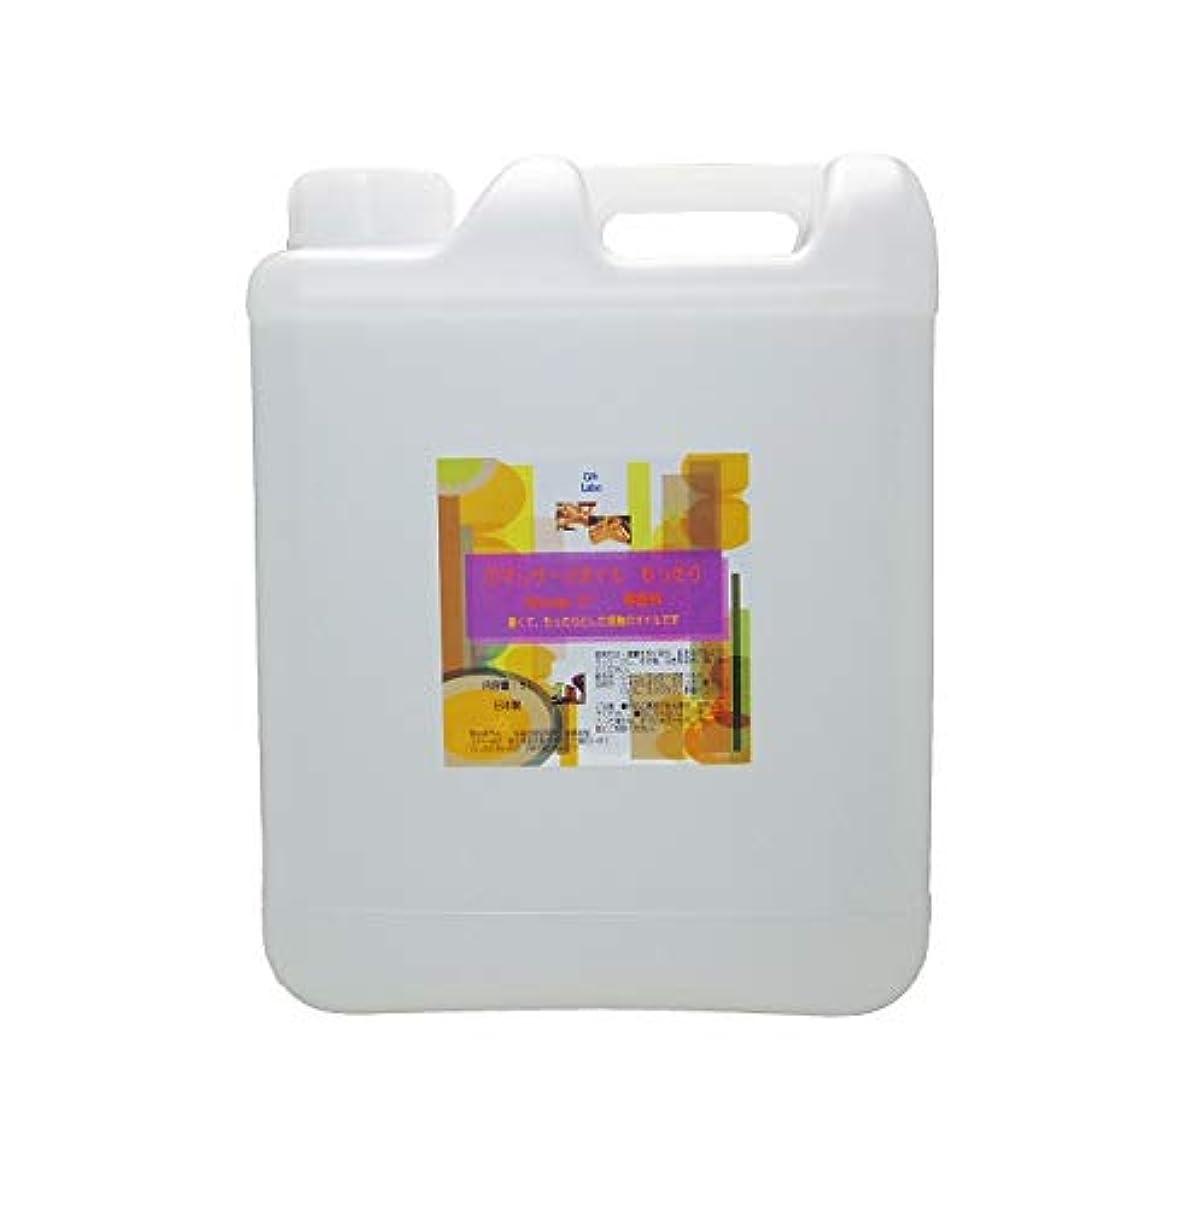 ジーンズ効率神経障害GH-Labo マッサージオイル もったりタイプ 5L